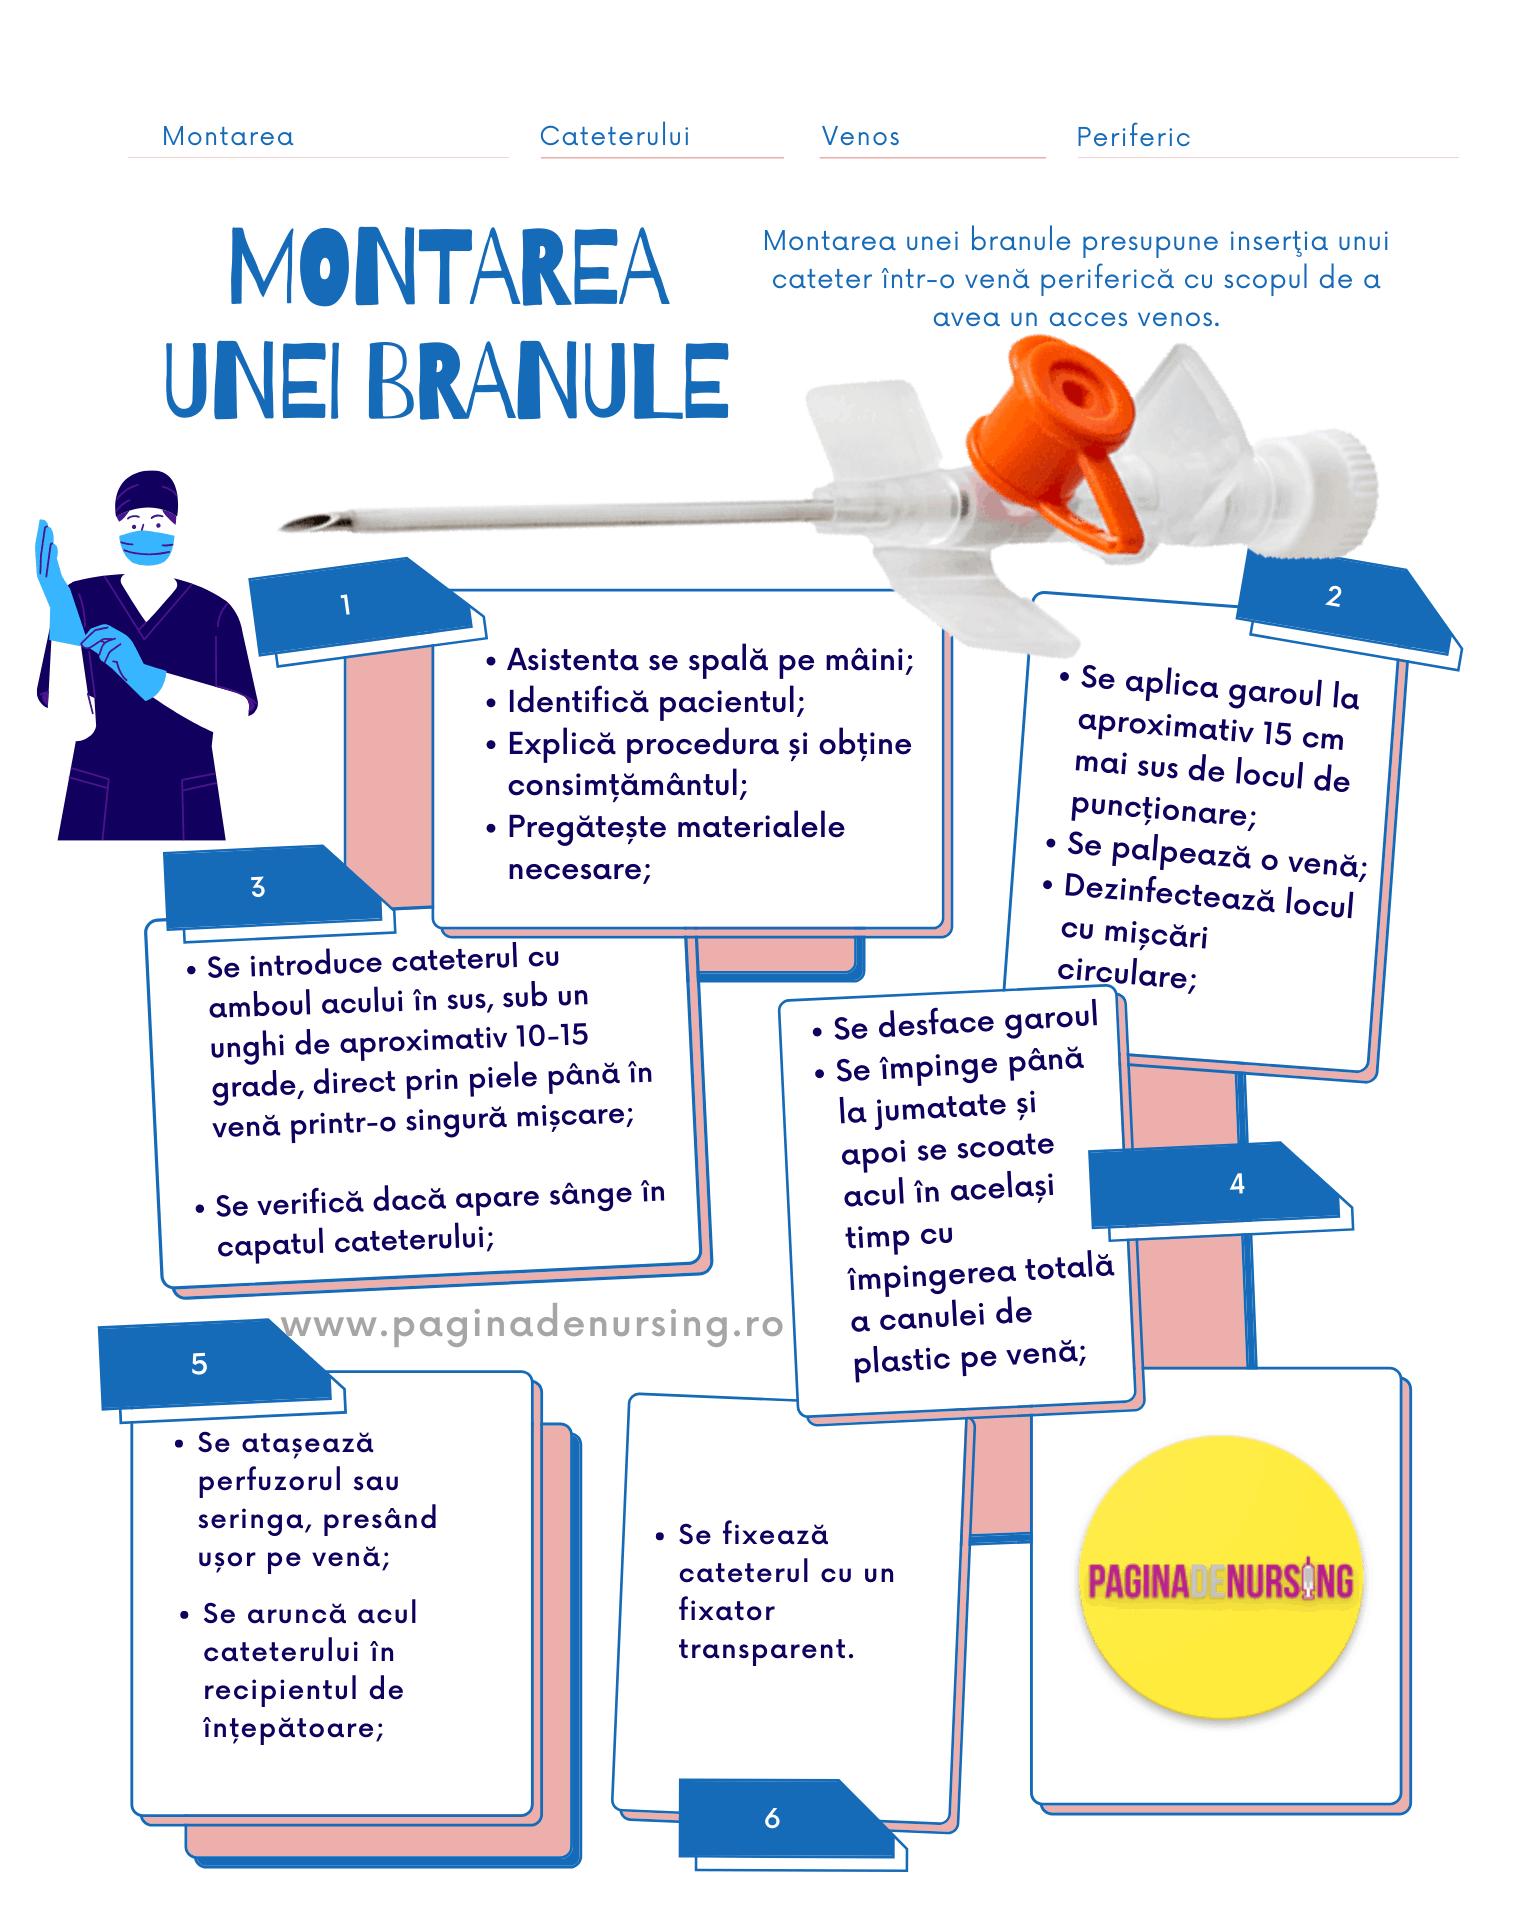 MONTAREA UNEI BRANULE PAGINA DE NURSING